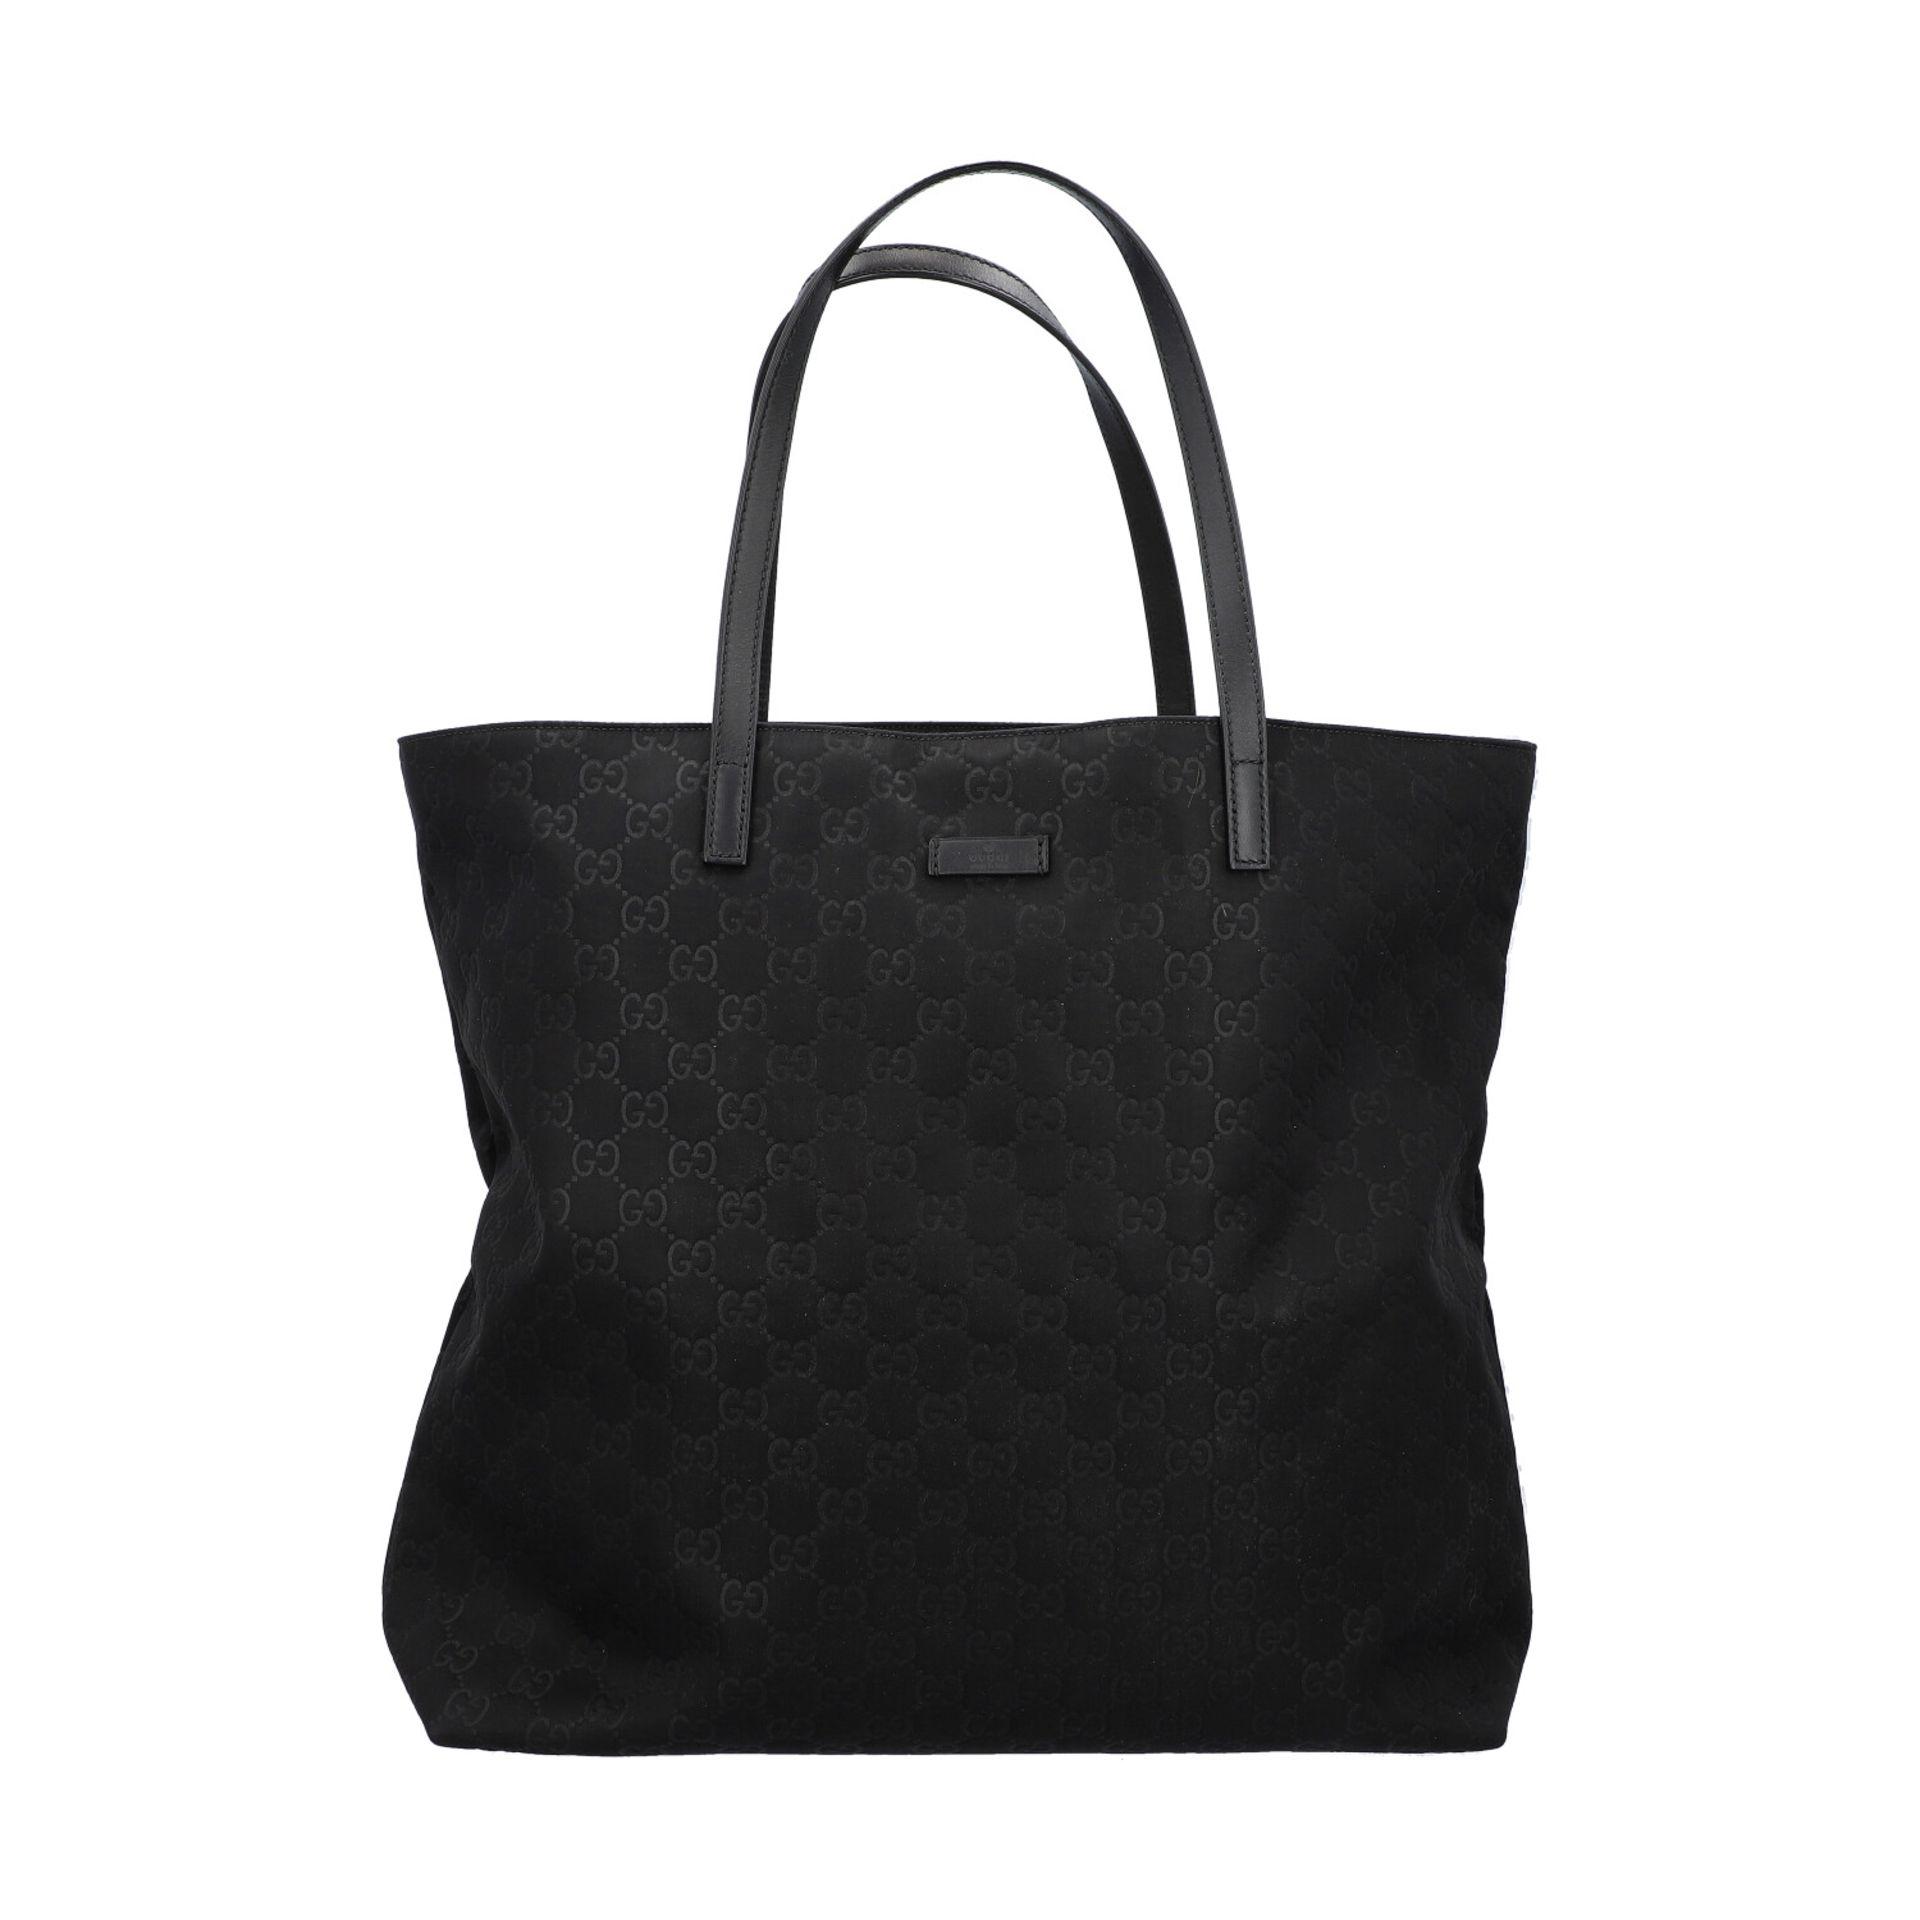 GUCCI Shoppertasche, NP. ca.: 1.000,-€. Textil in Schwarz mit GG-Supreme Muster und